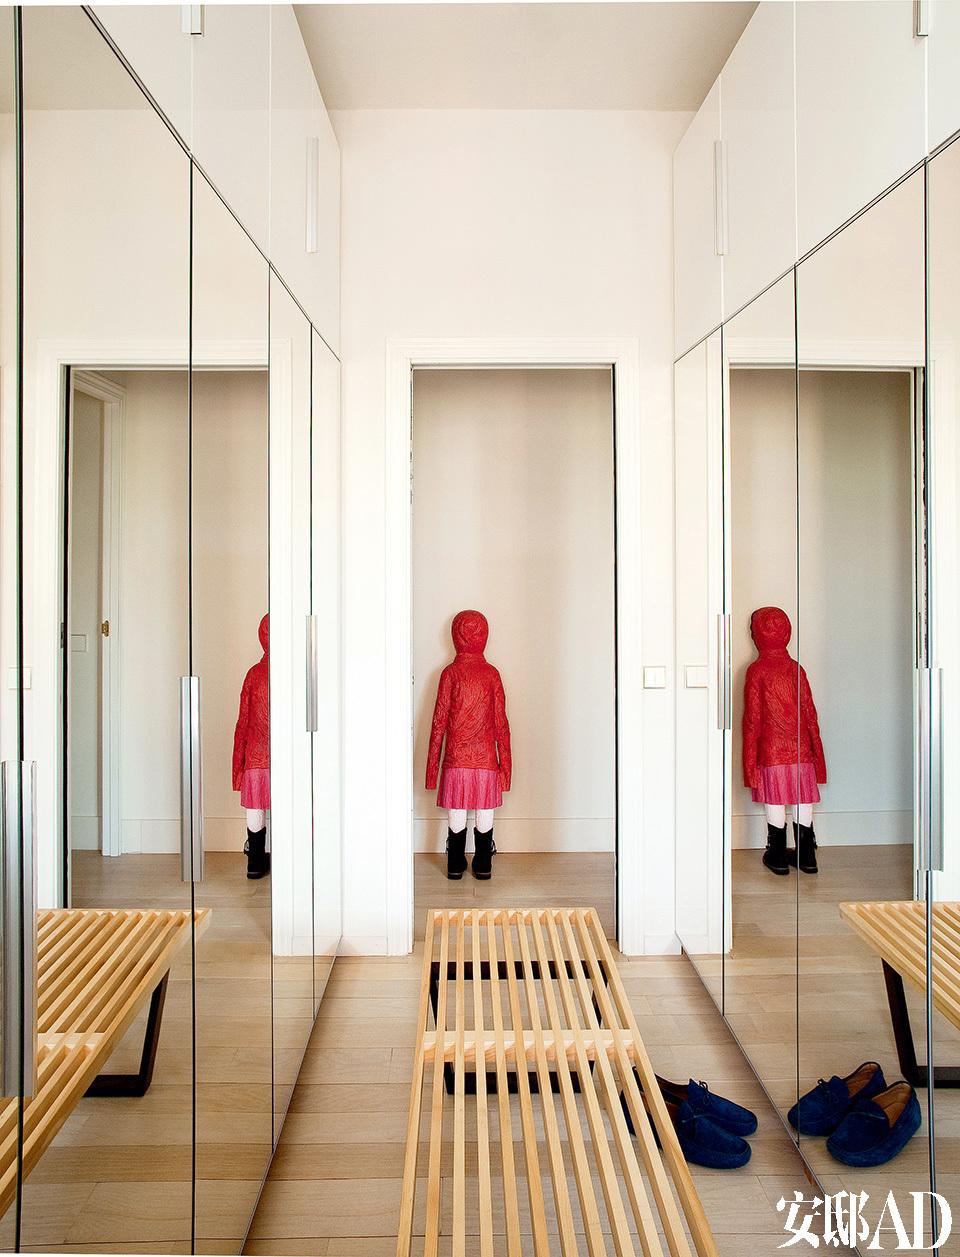 """本来中规中矩的衣帽间,有了"""" 小红帽""""雕塑的背影一下子变得鬼马起来。更衣室里安装了宜家家居的带镜衣柜,长椅是George Nelson为Vitra设计的。"""